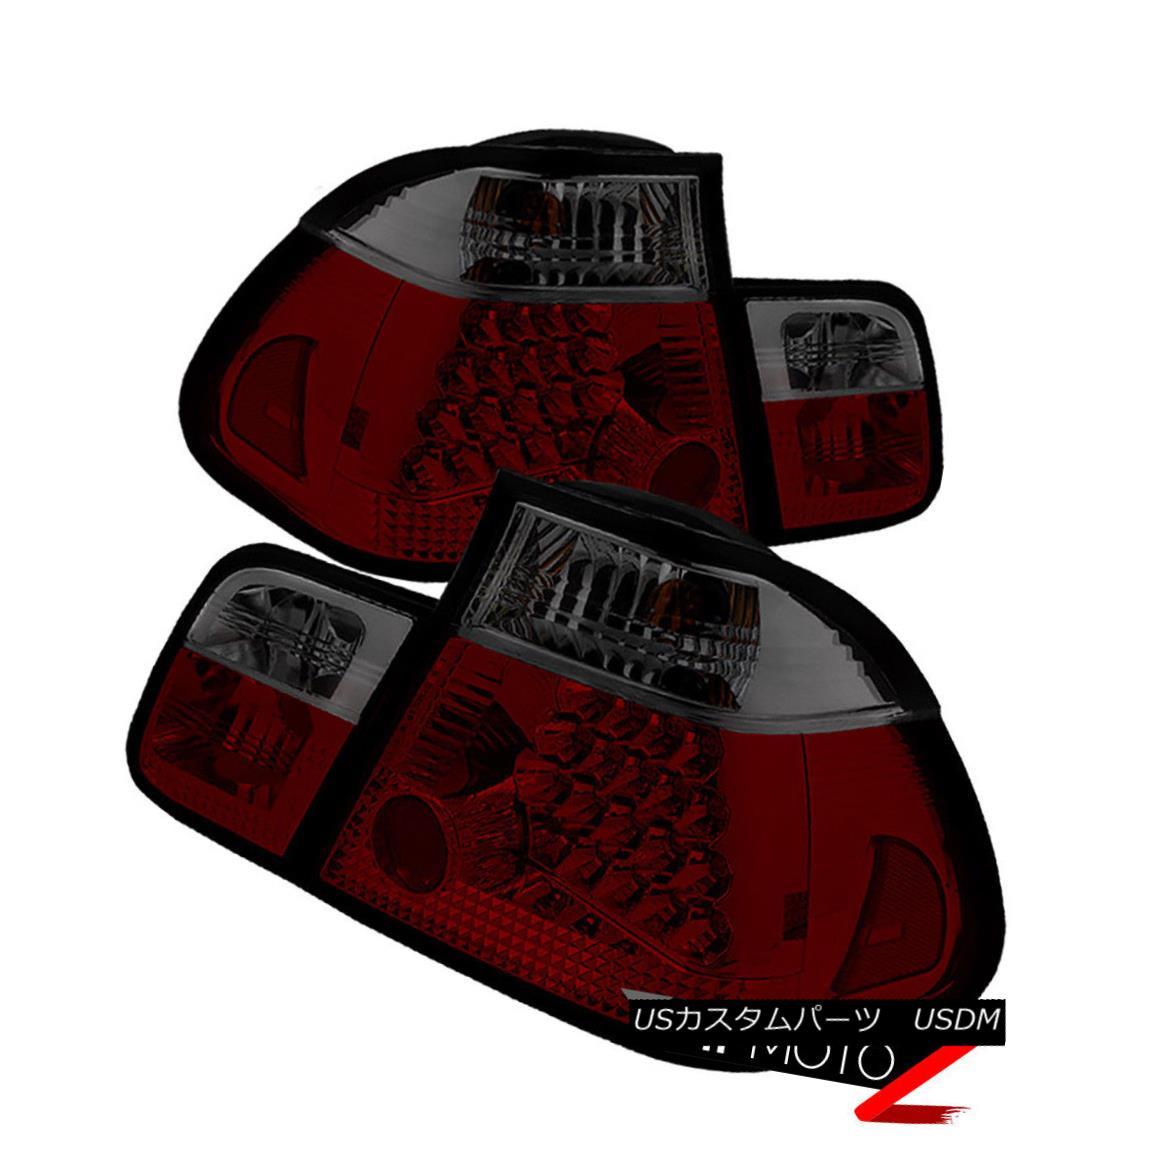 テールライト BMW E46 3-Series 2002-2005 4DR RED SMOKE Tail Light LED Signal Brake Pair LH RH BMW E46 3シリーズ2002-2005 4DR RED SMOKEテールライトLEDシグナルブレーキペアLH RH